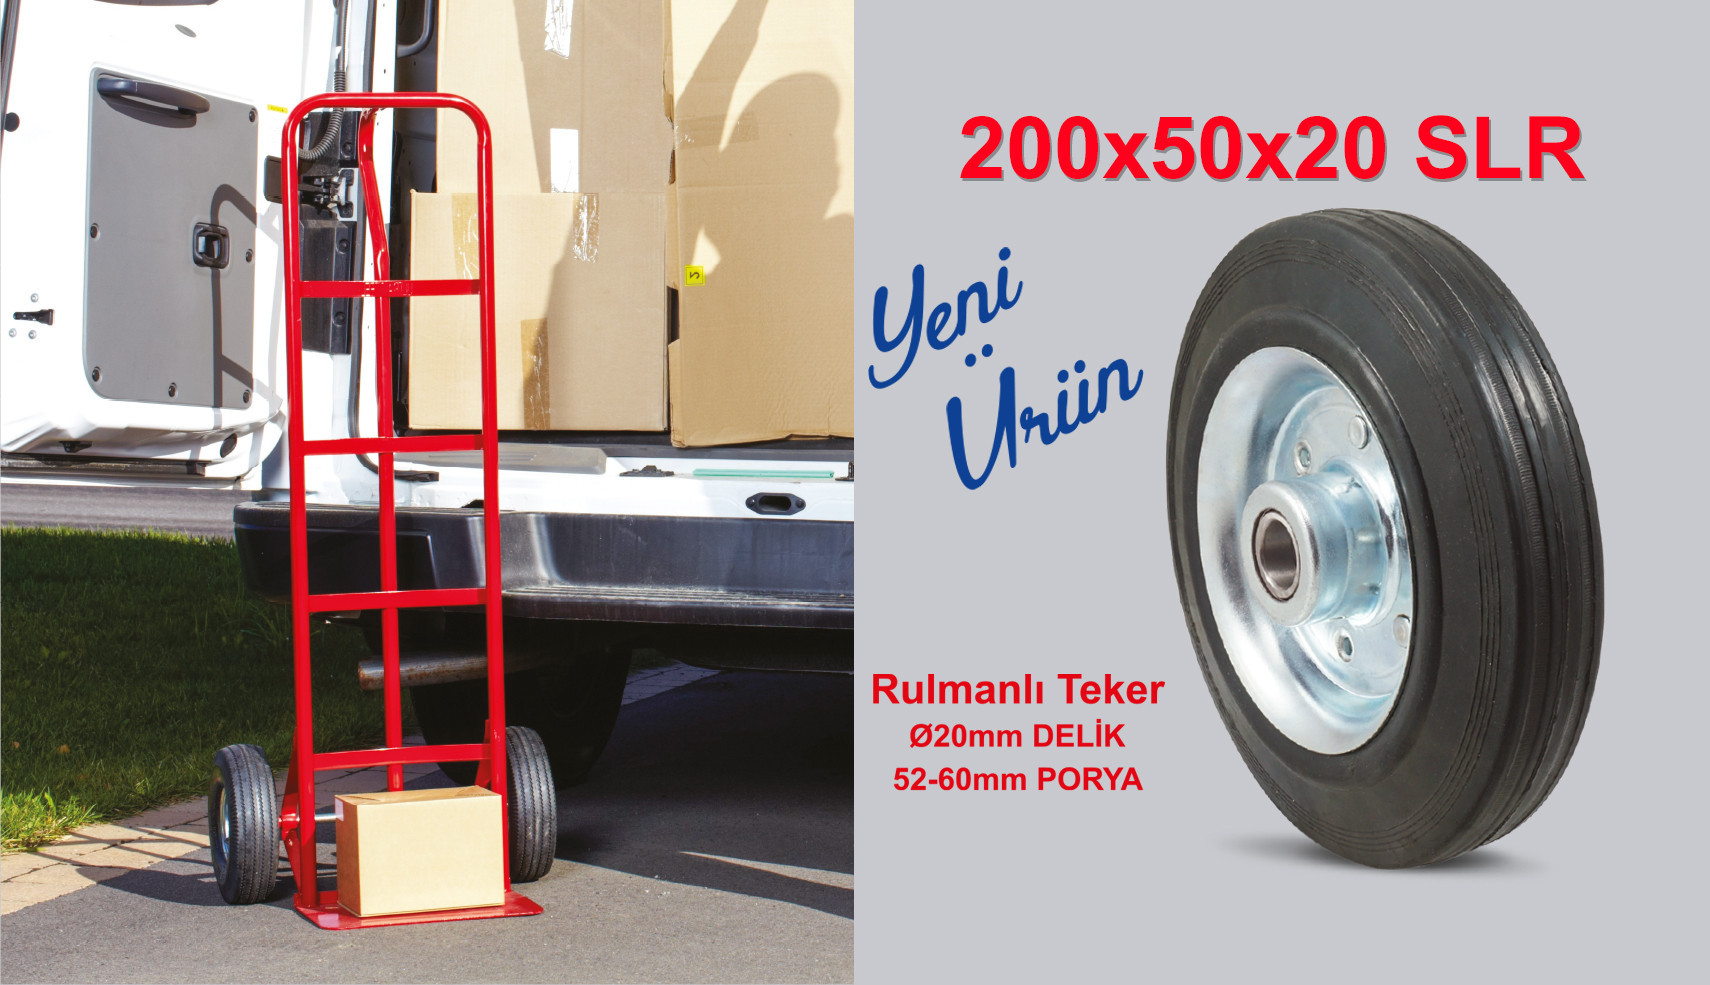 KAMPANYA 200x50x20 SLR